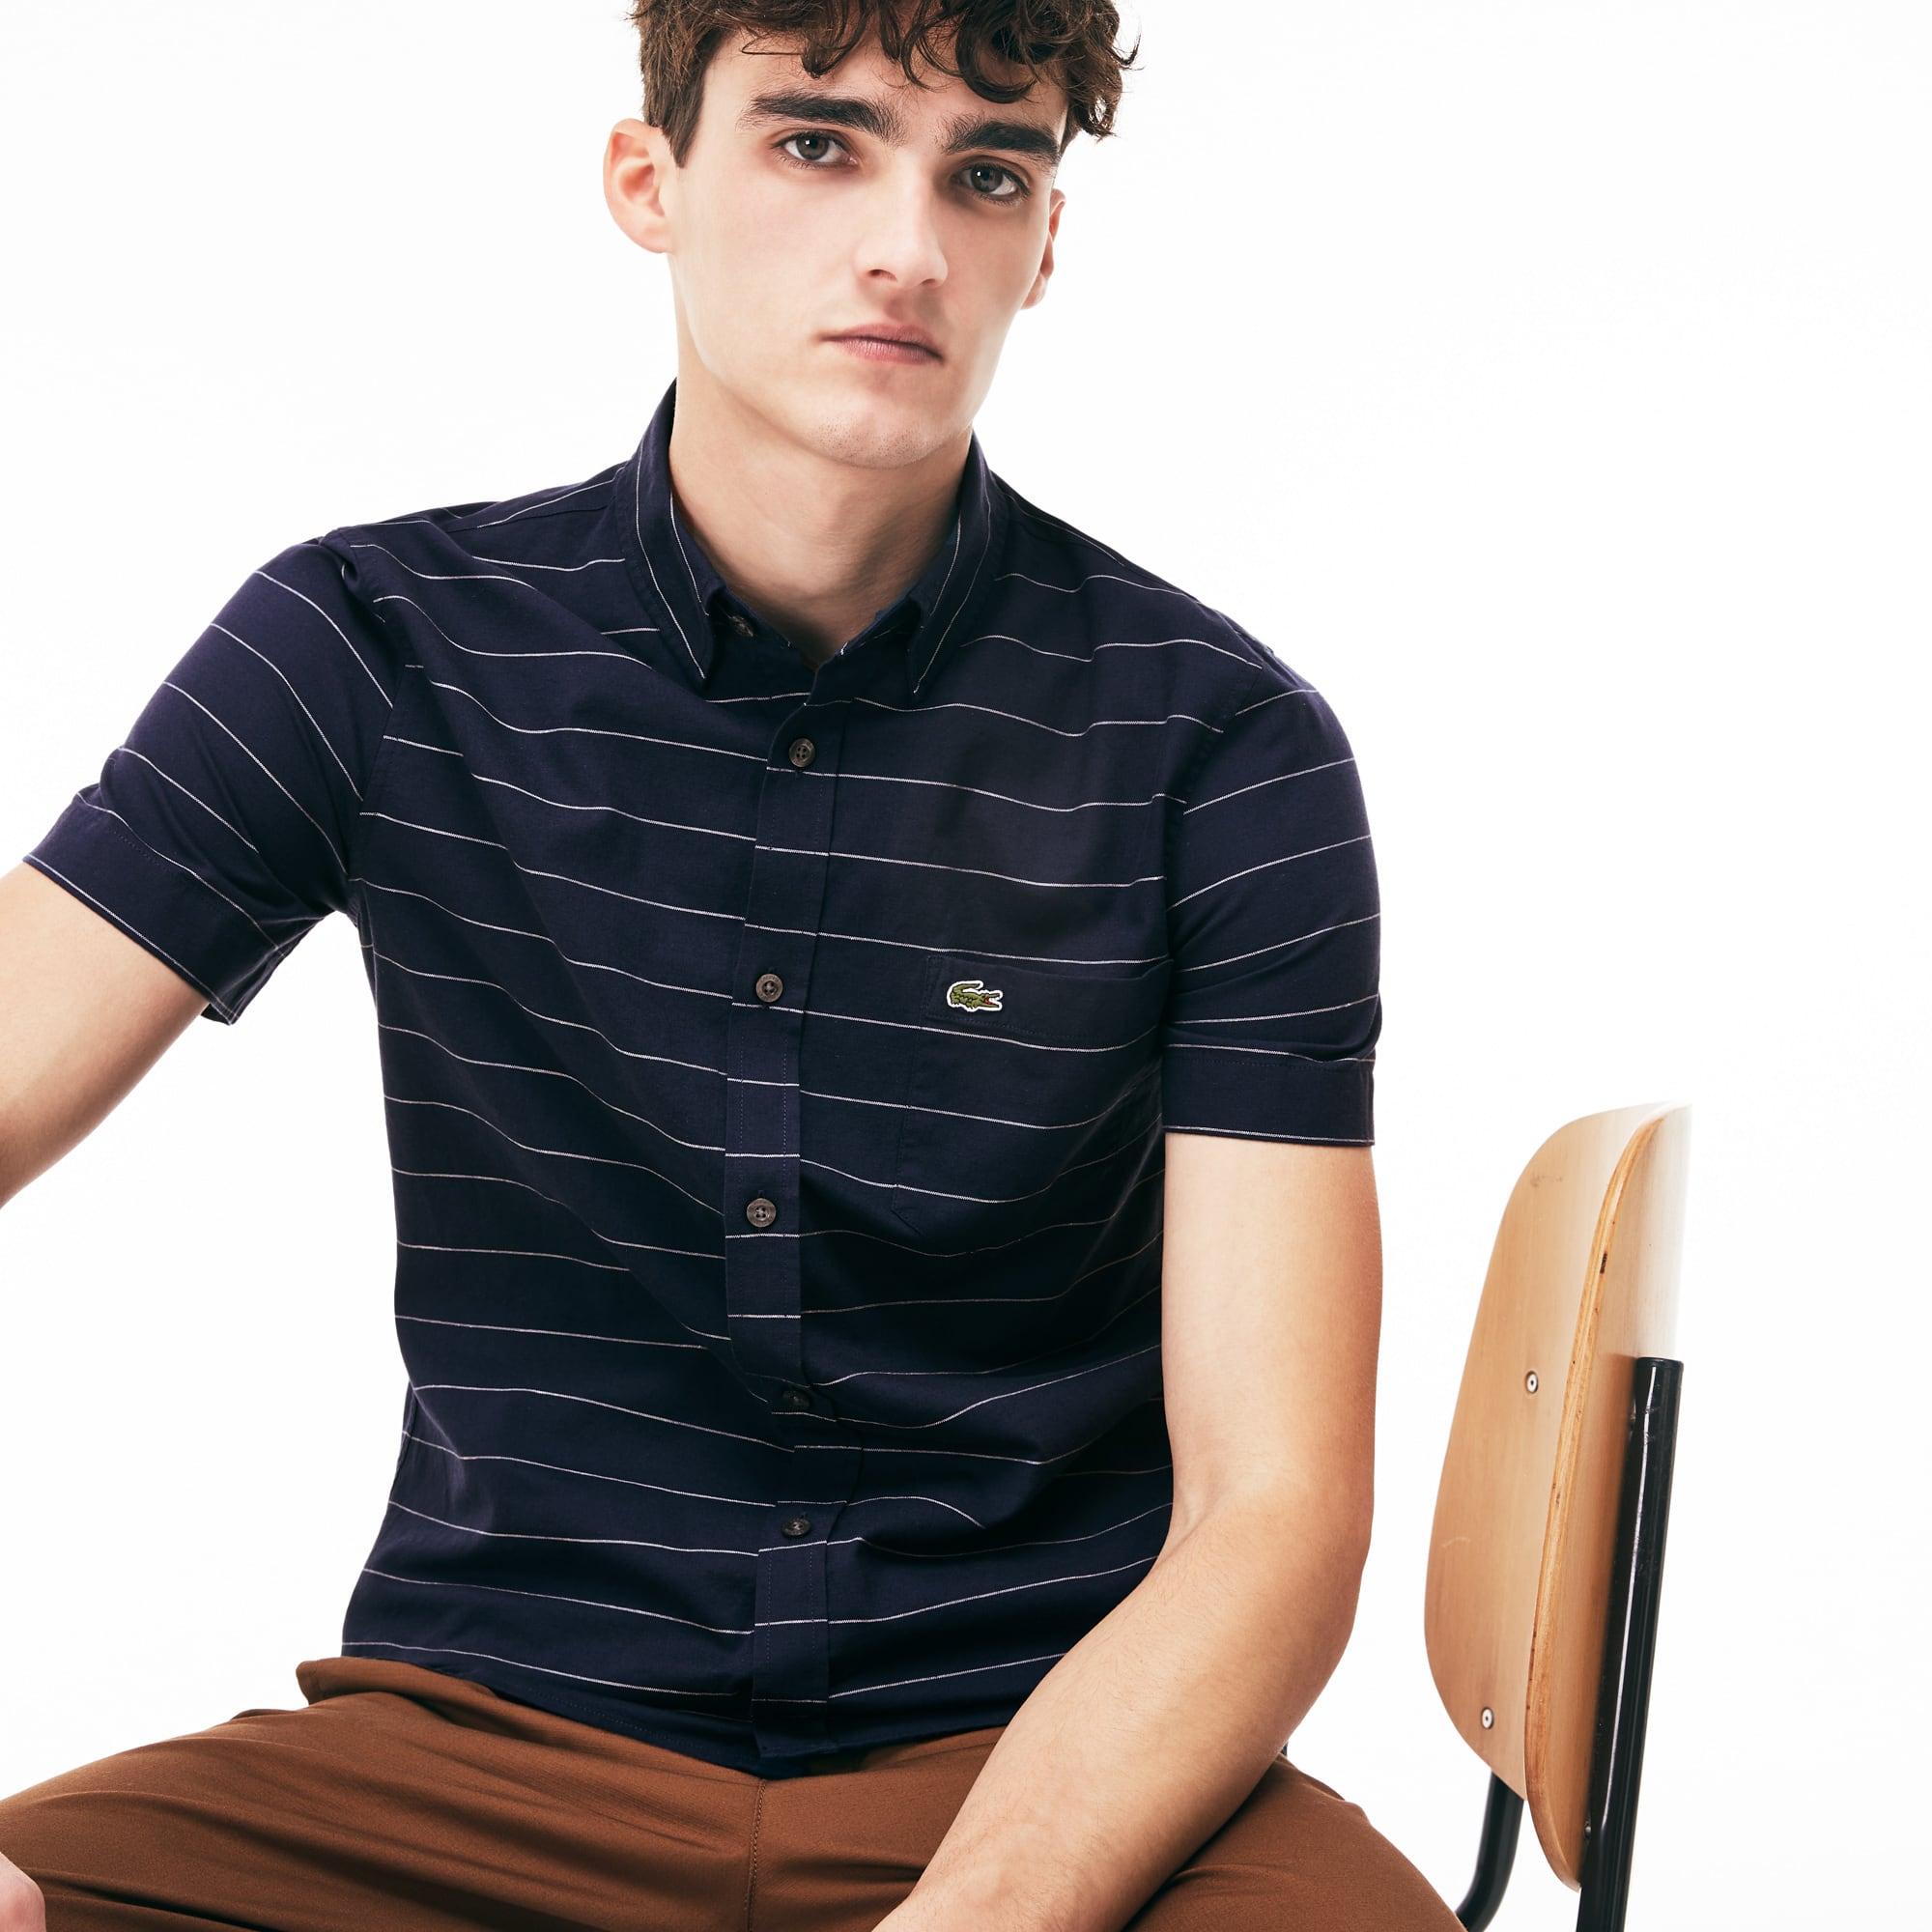 Camisa slim fit de manga curta em algodão Oxford e linho às riscas